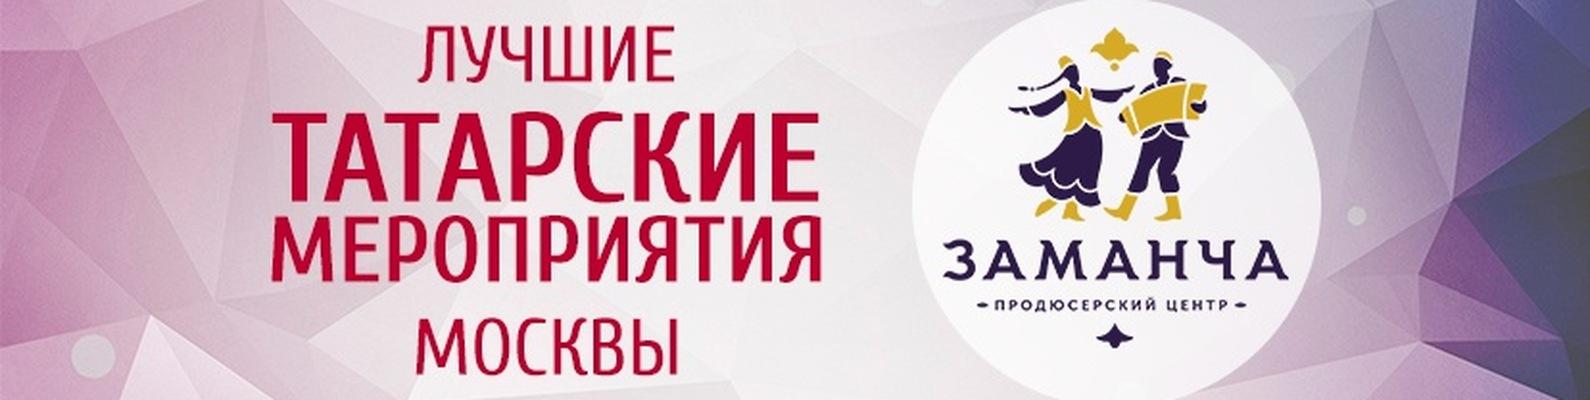 Билеты на татарский концерт в москве музыкальный театр премьера краснодар официальный сайт афиша на октябрь